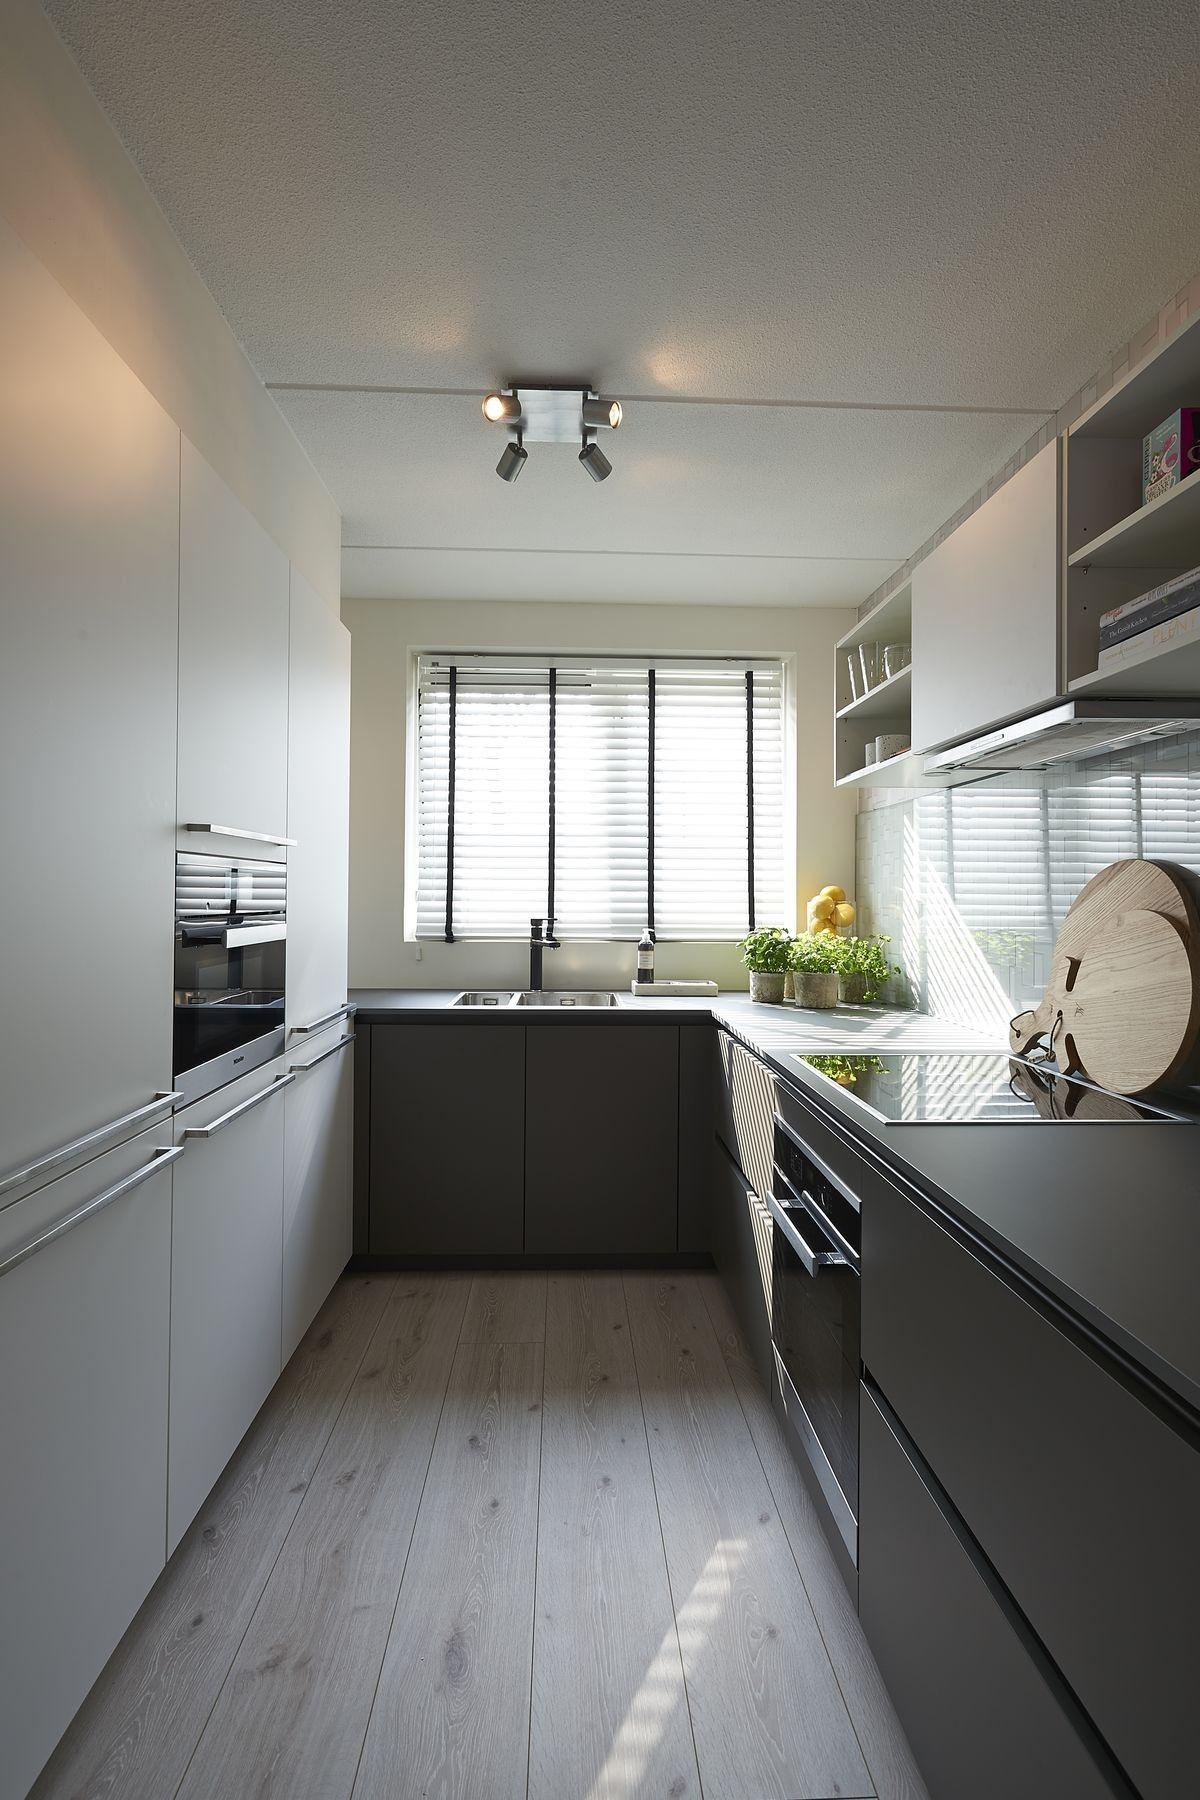 Épinglé Par Emilia Sur KITCHEN DININGROOM Pinterest - Deco jardin pinterest pour idees de deco de cuisine